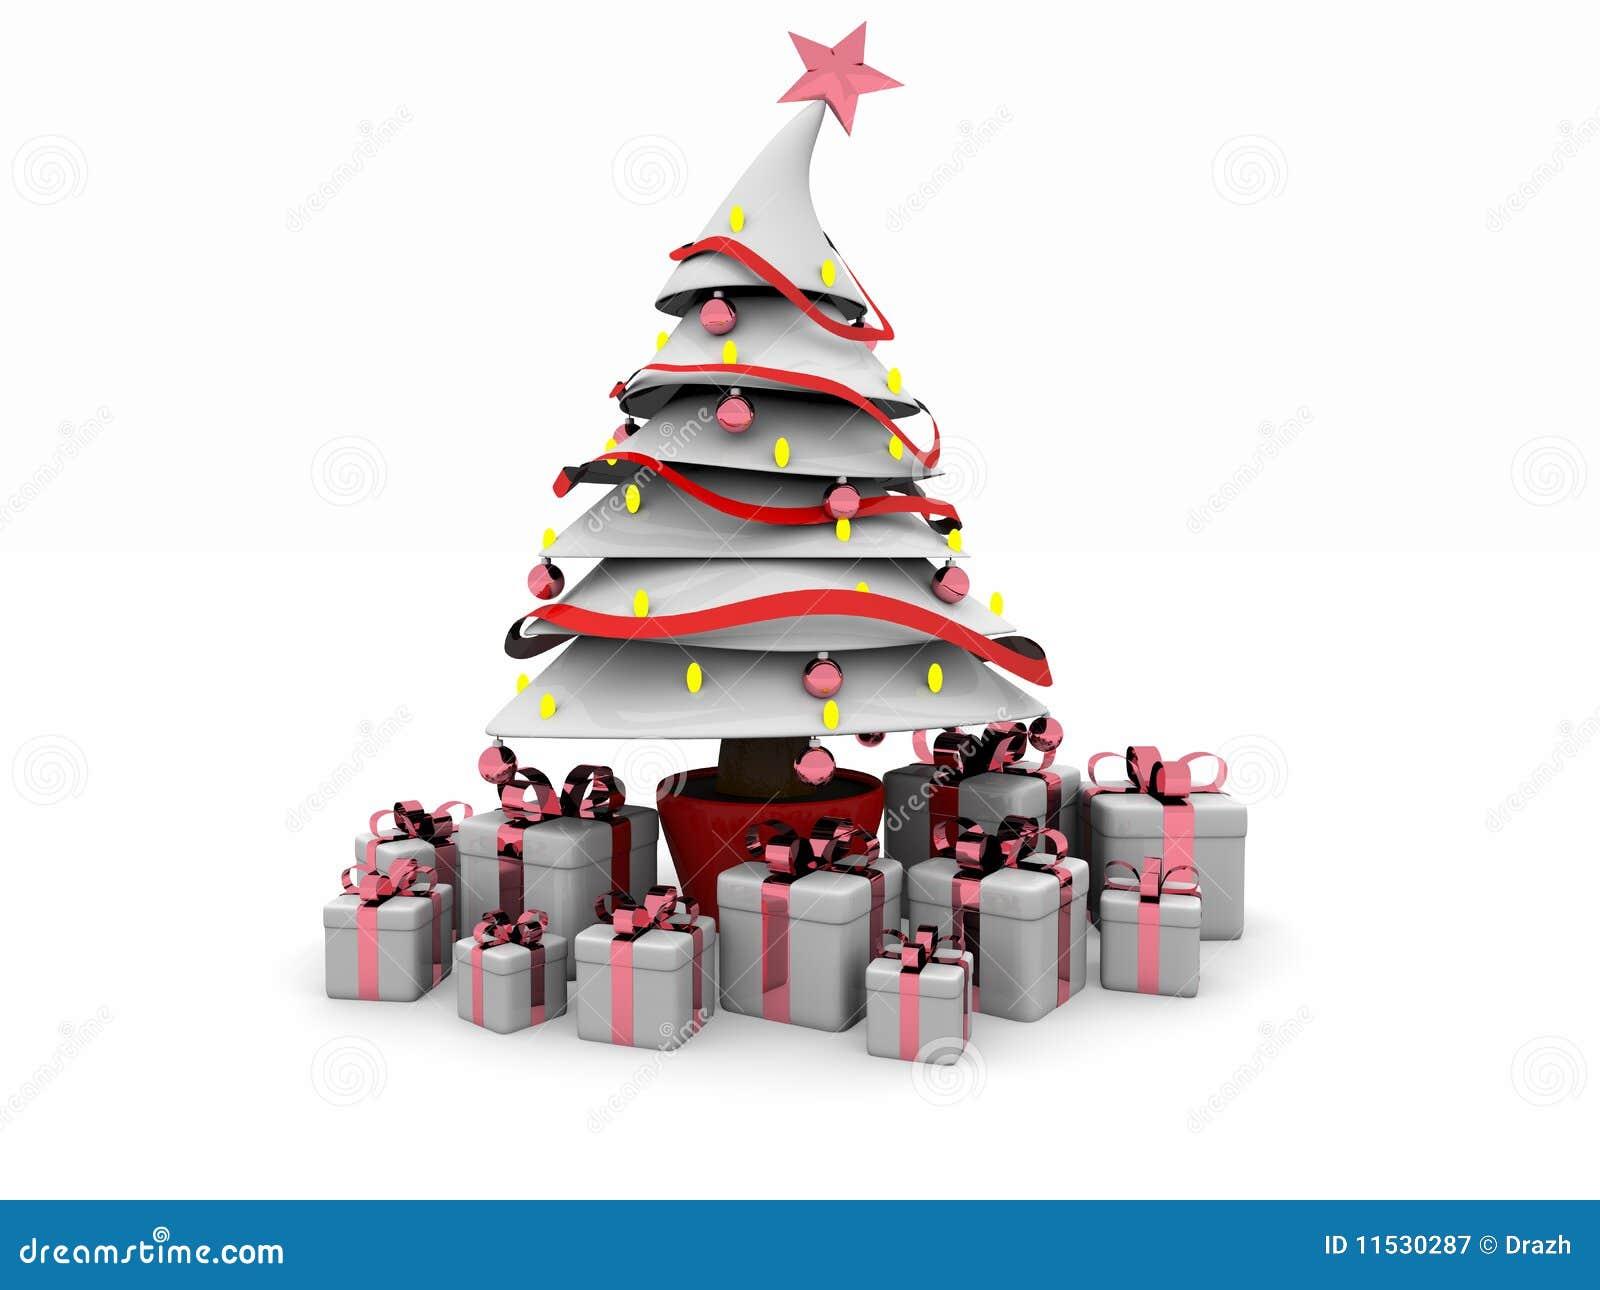 rbol blanco de Navidad 3d stock de ilustracin Ilustracin de